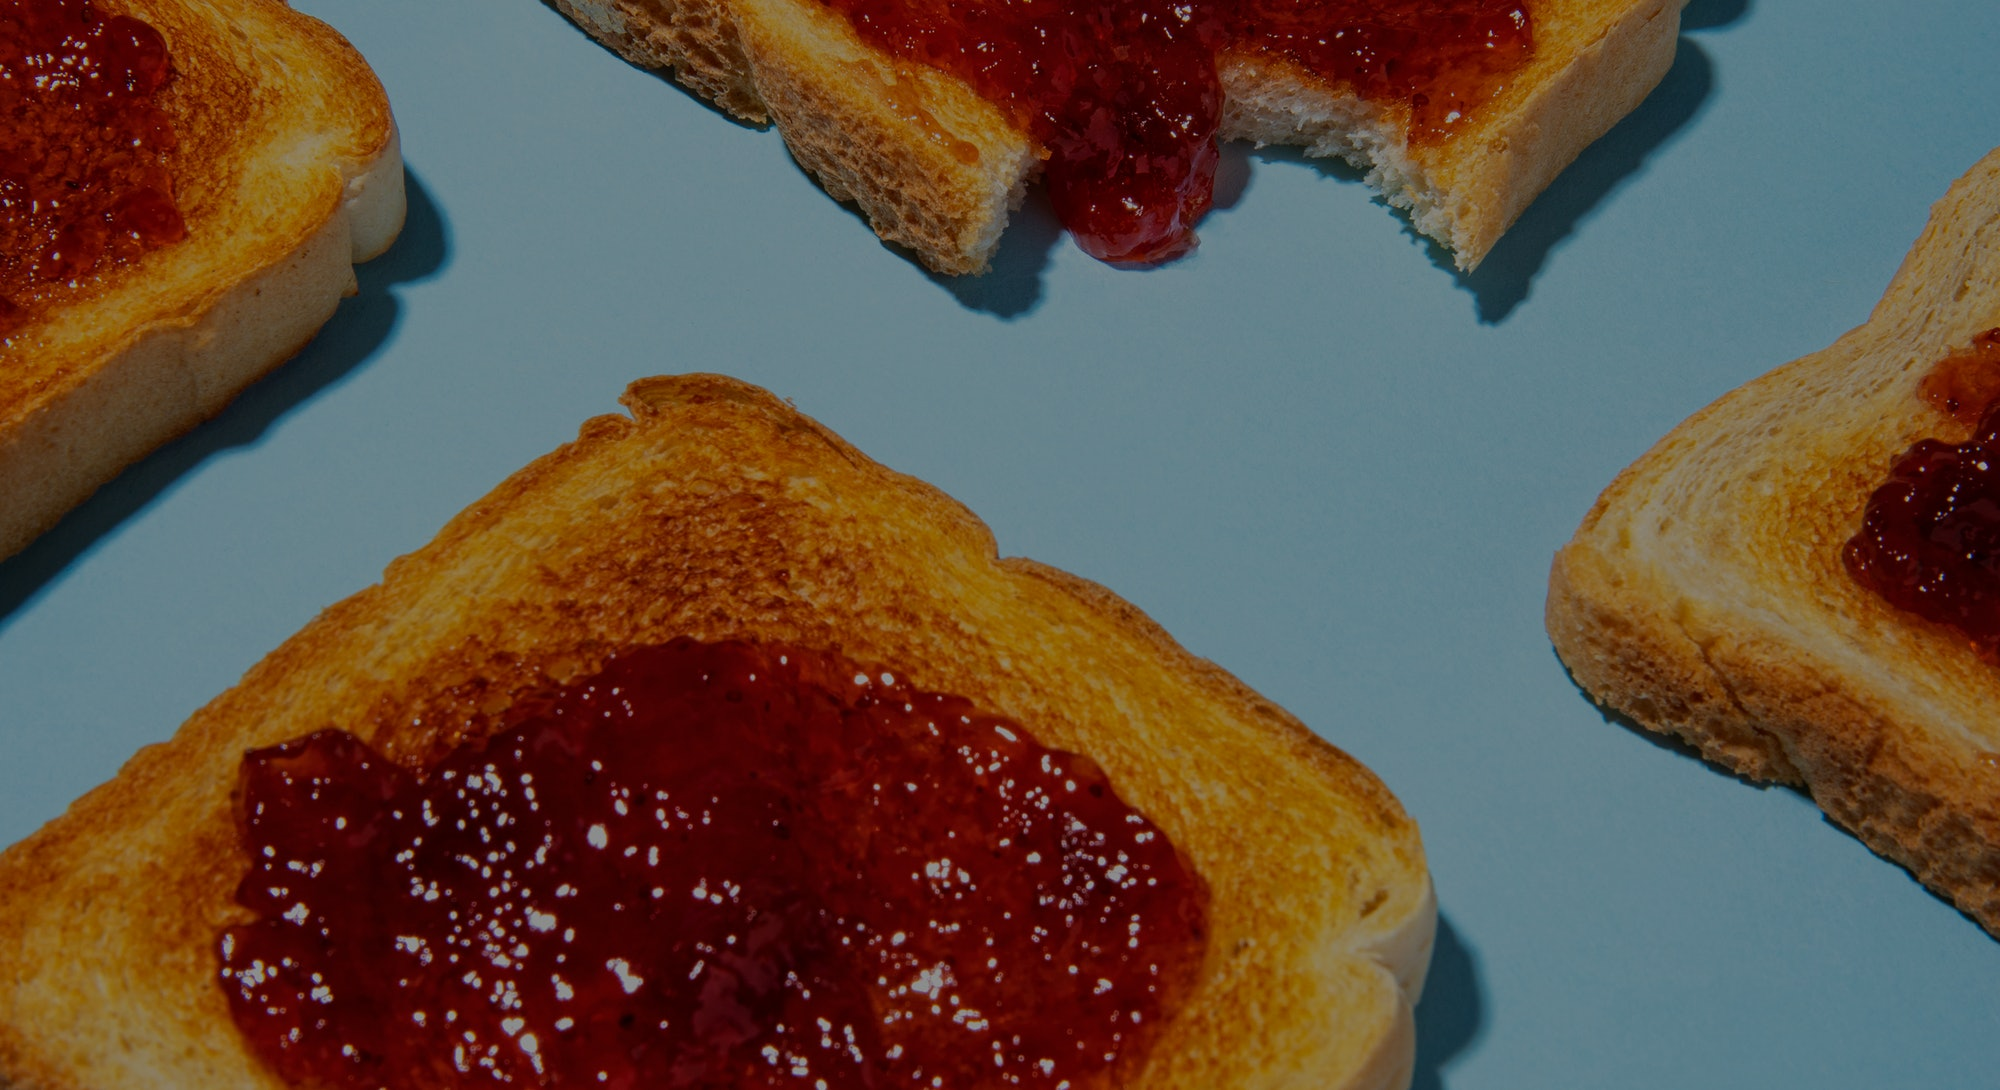 Jam on Toast Pop Art Photo